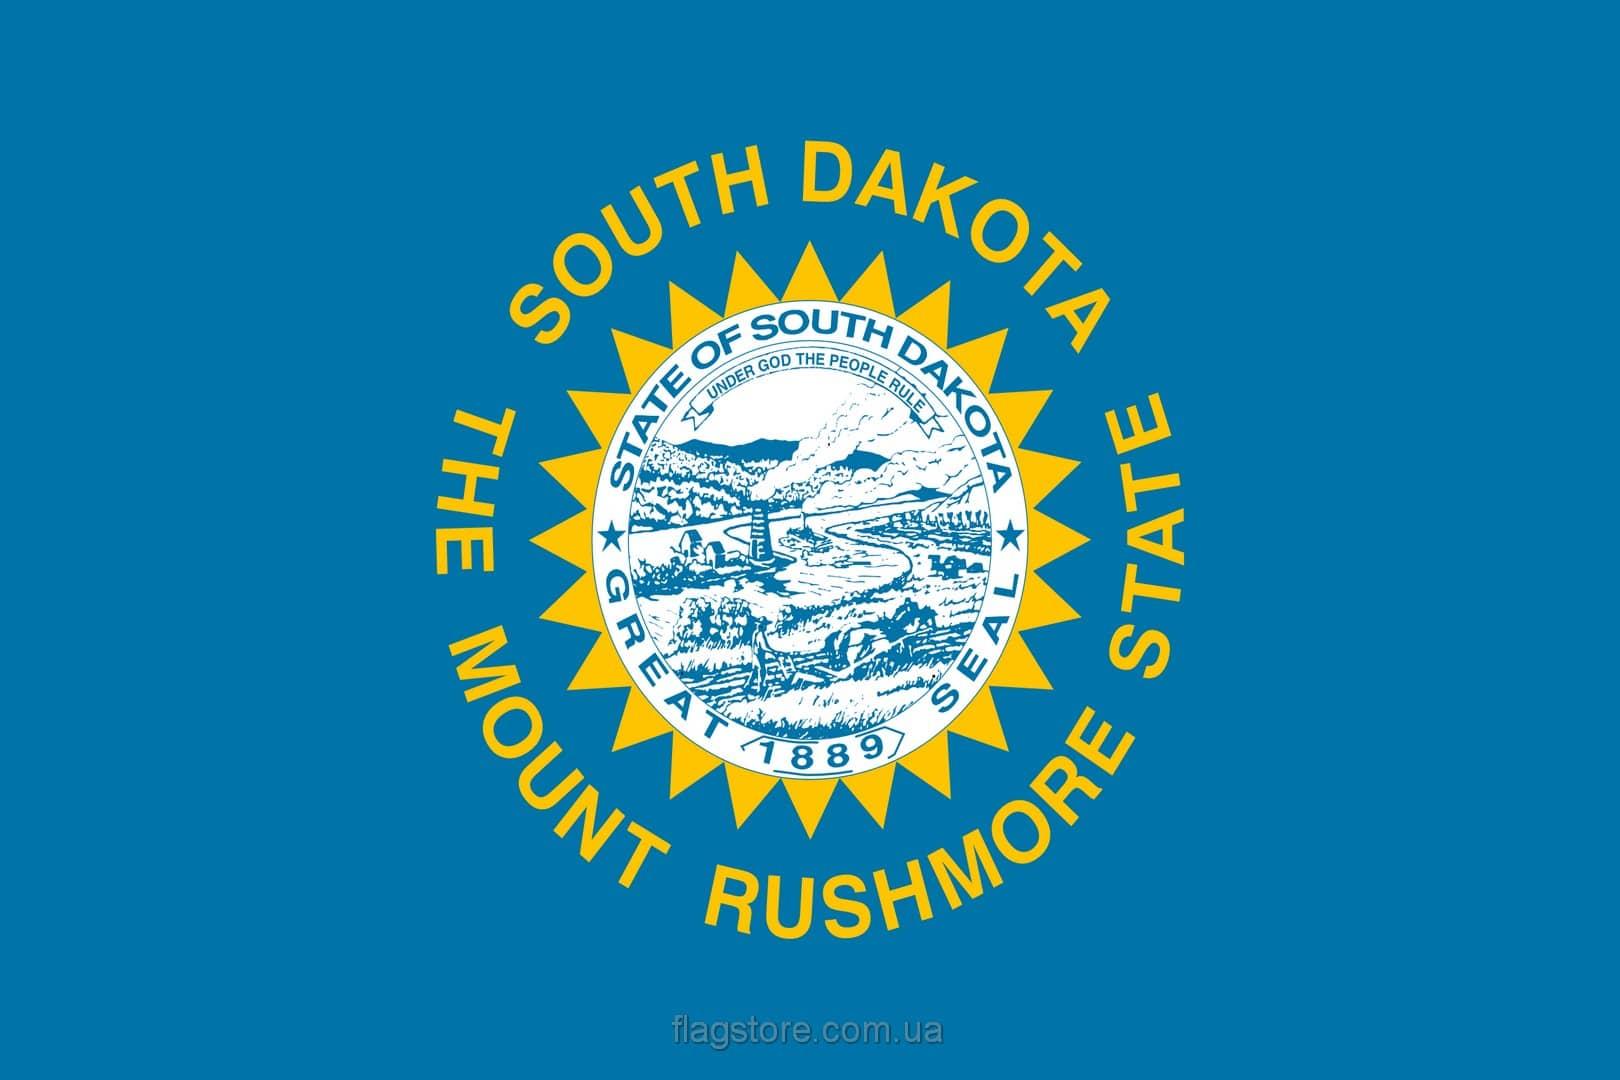 Купить флаг Южной Дакоты (штата Южная Дакота)